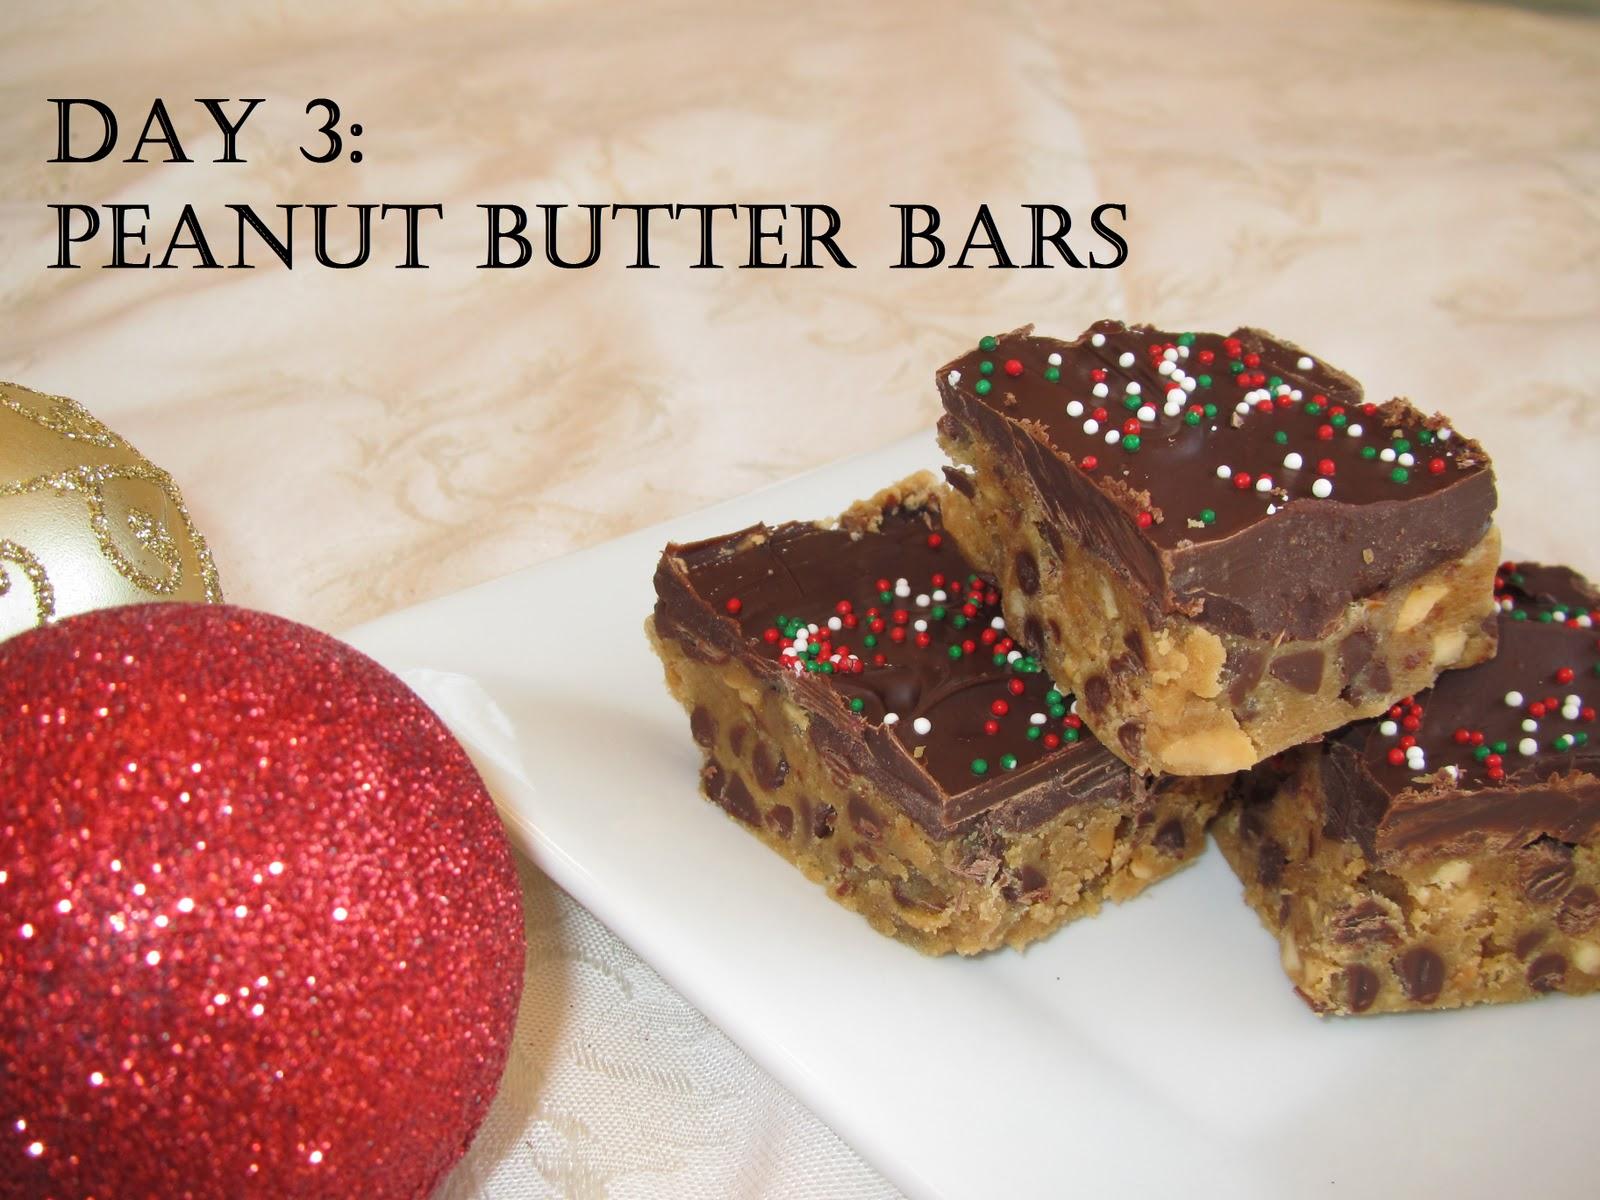 Pammi Cakes Recipes: Day Three: Peanut Butter Bars Recipe